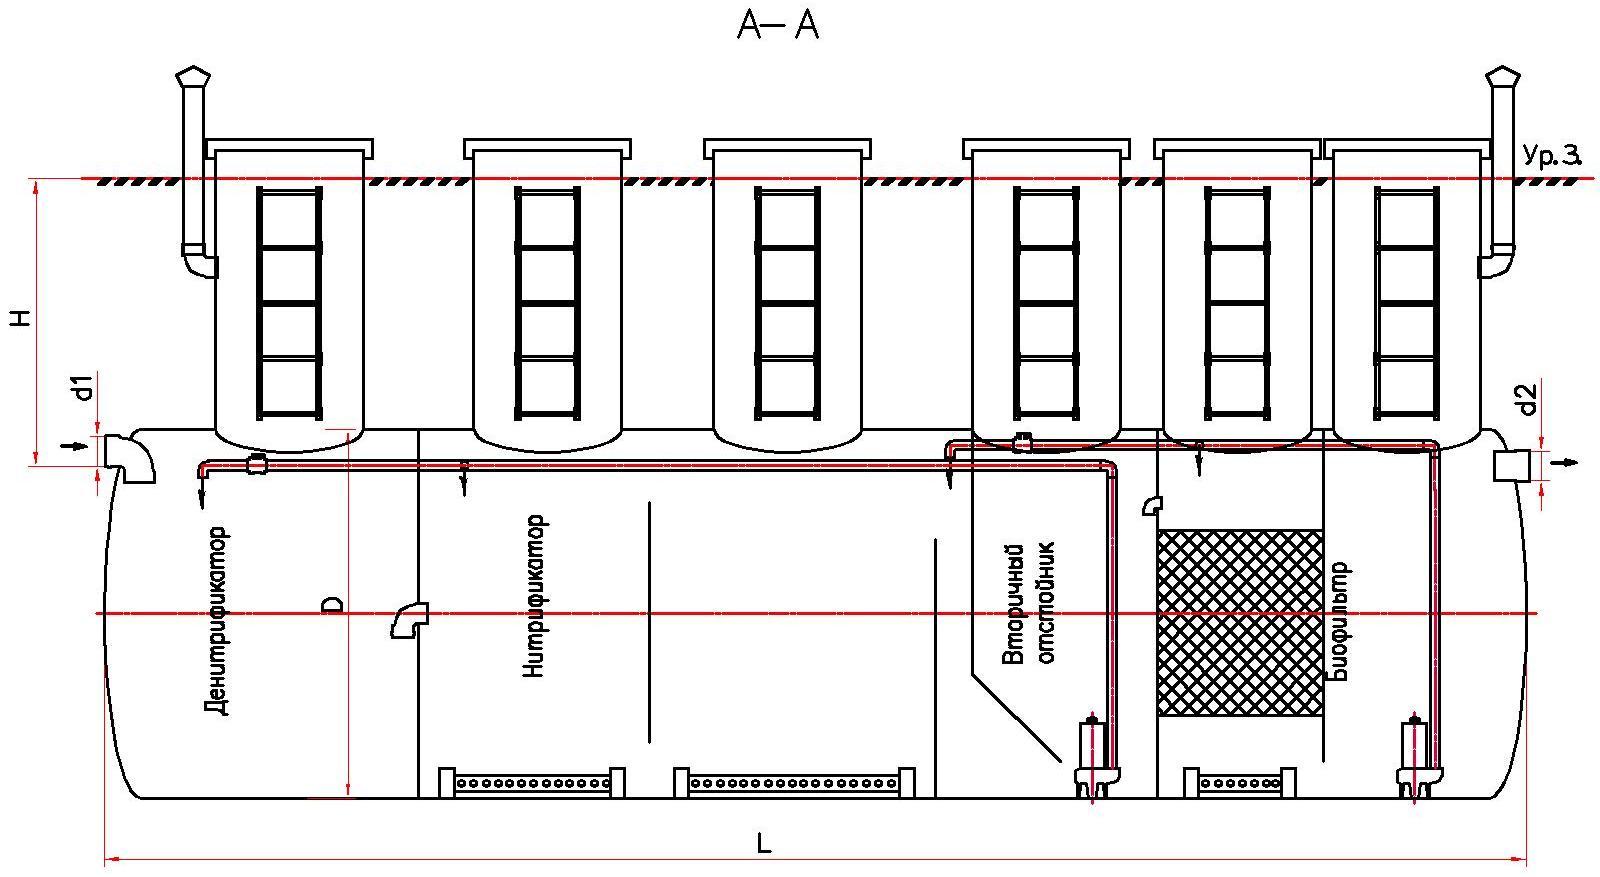 Очистные сооружения - Станция глубокой биологической очистки сточных вод (СБО) Чистовод Минск пр-во РБ - Чертеж Схема